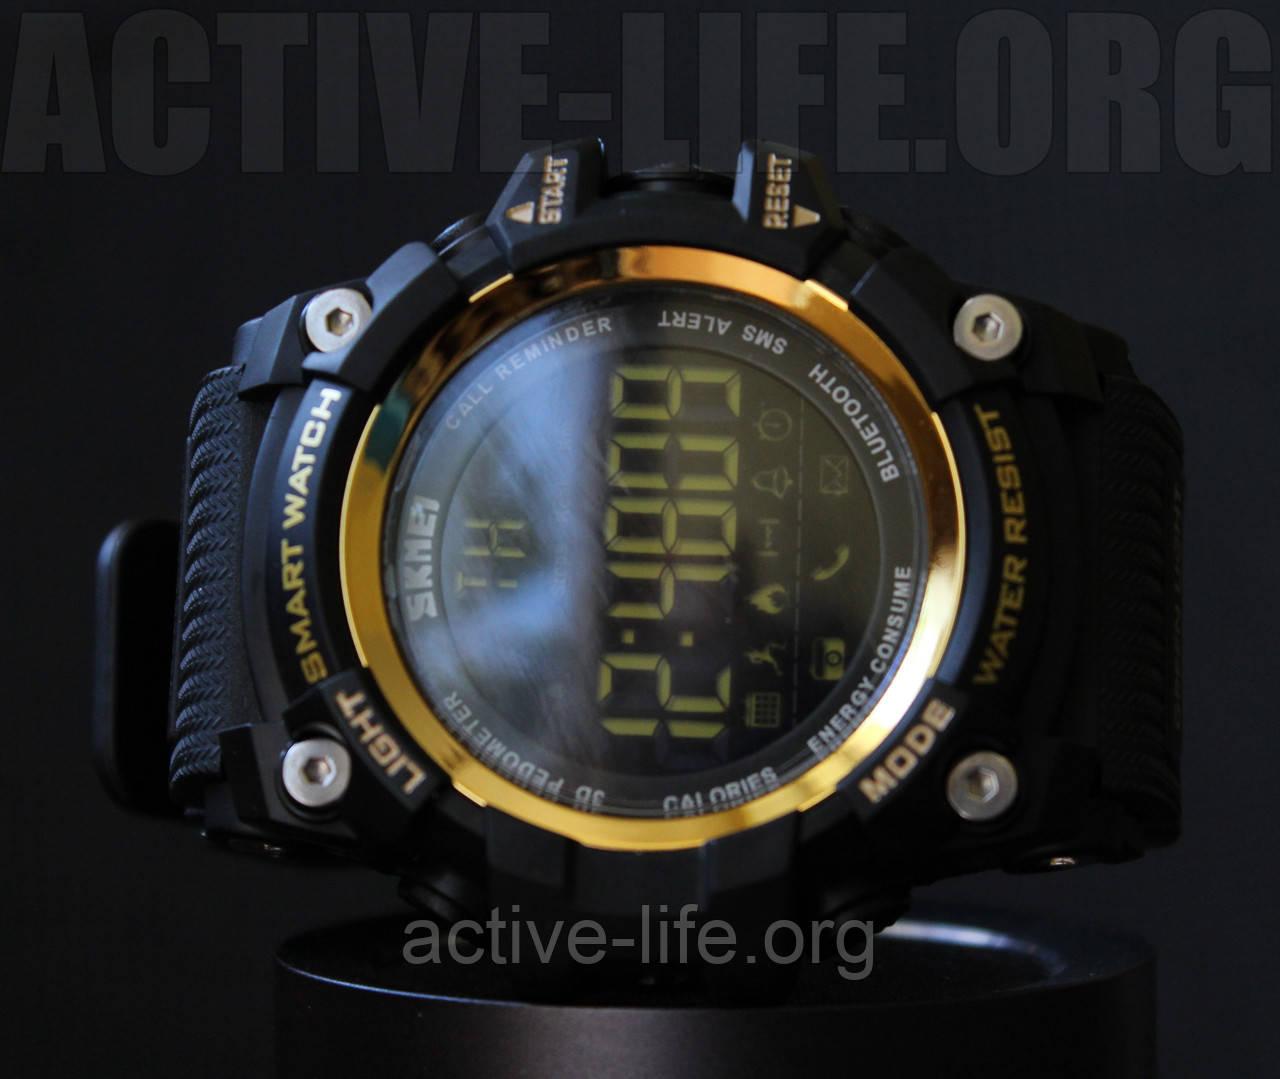 Спортивные часы Skmei Smart ( bluetooth) watch 1227 (Gold ) New 2017 Гарантия!, фото 1